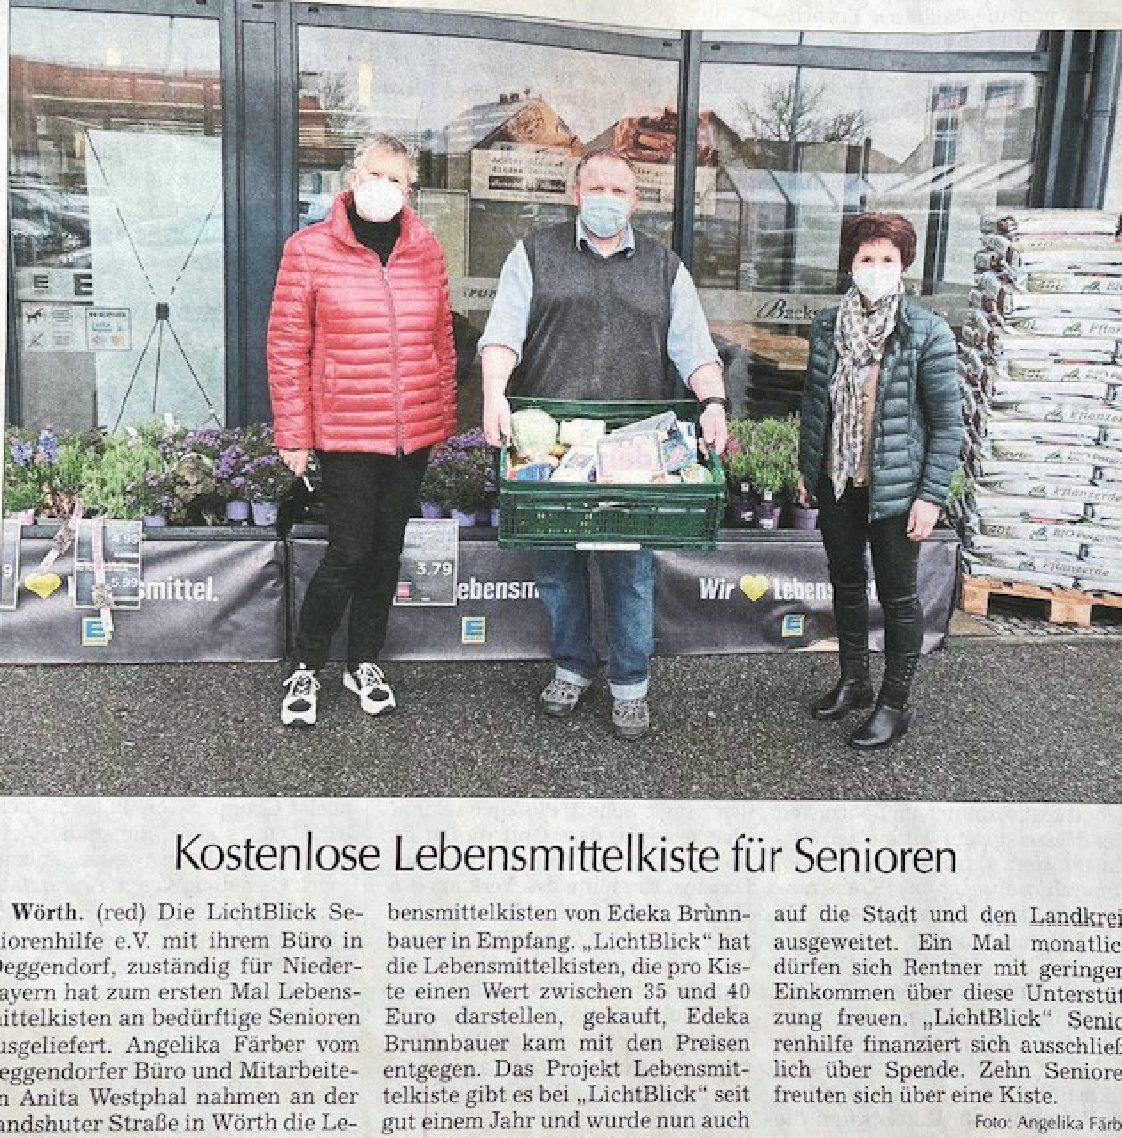 15.04.2021 | Landshuter Zeitung | Kostenlose Lebensmittel